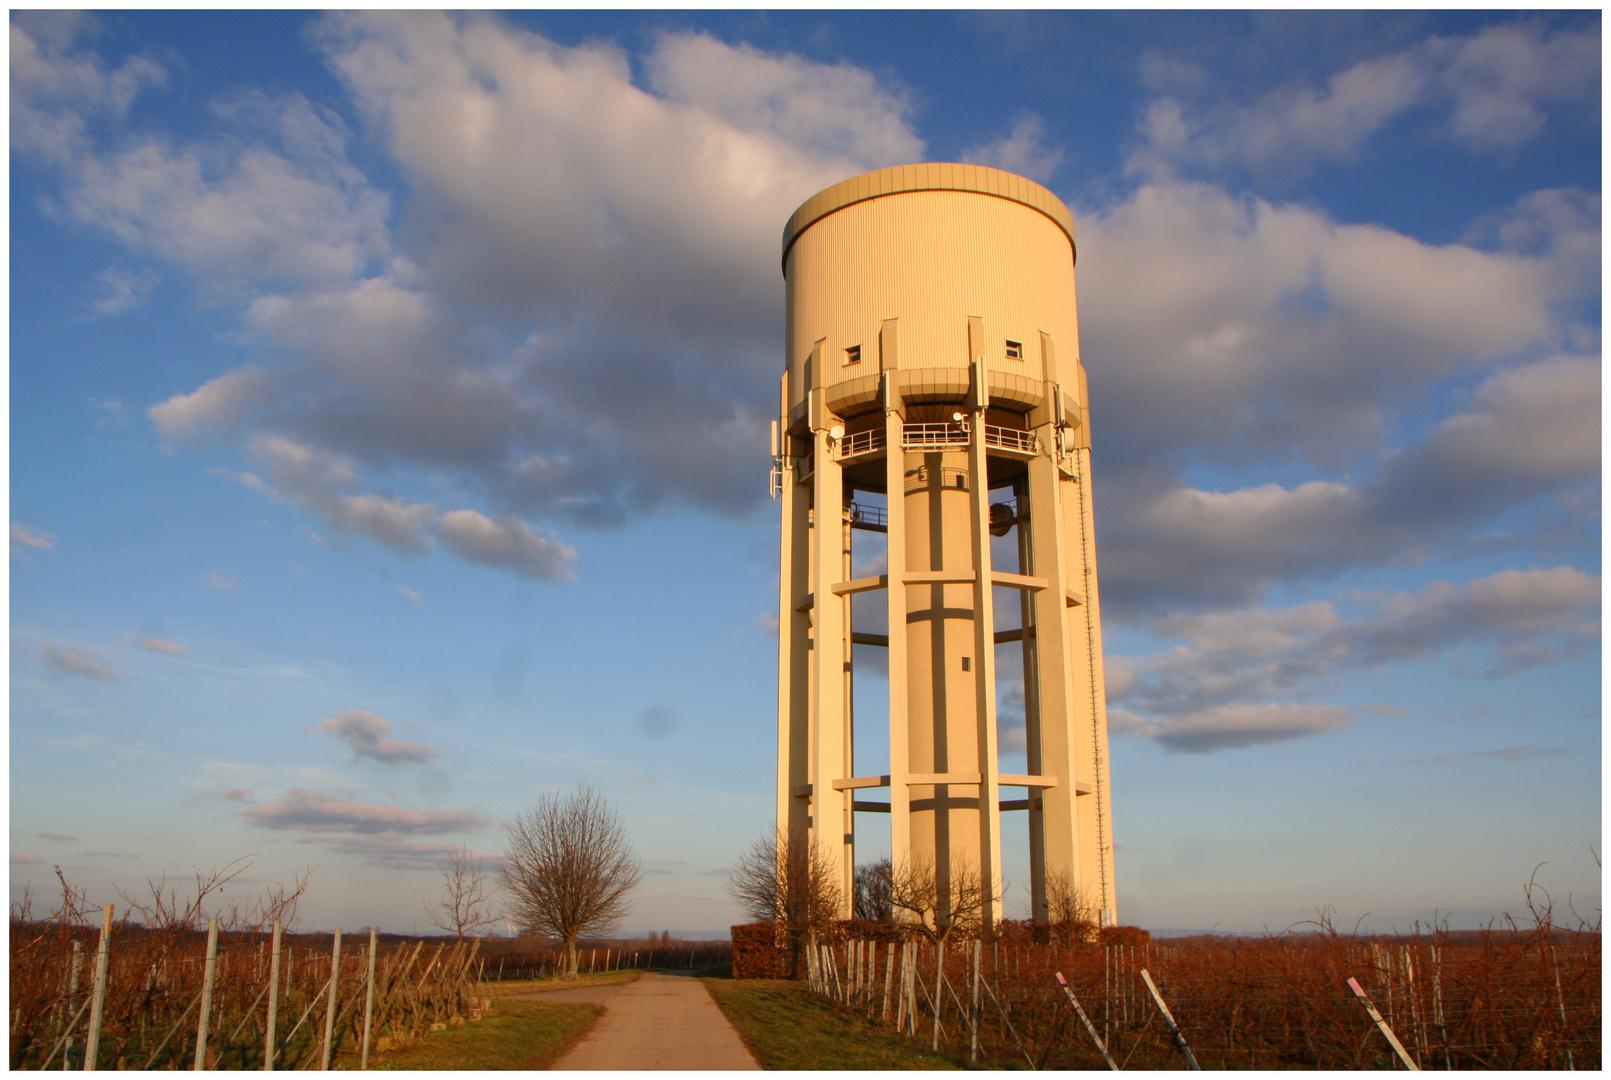 Wasserturm bei Lachen-Speyerdorf